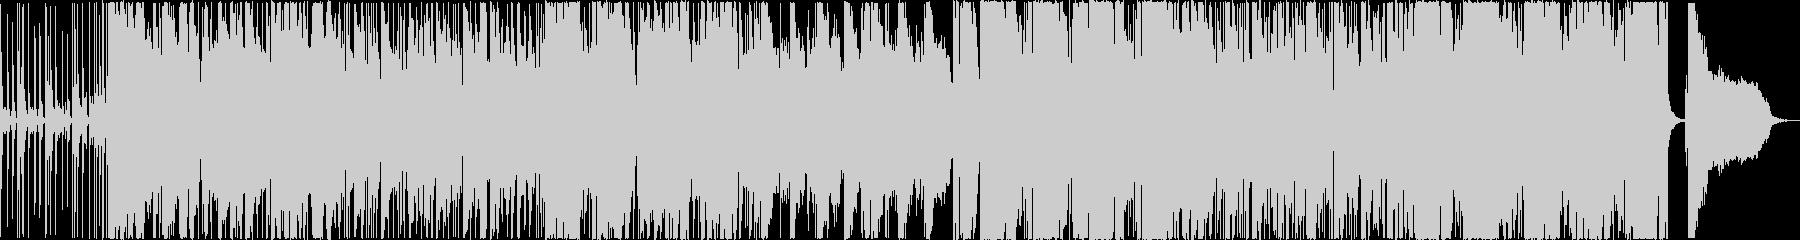 モダンなサウンドのクラシックスタイルの未再生の波形